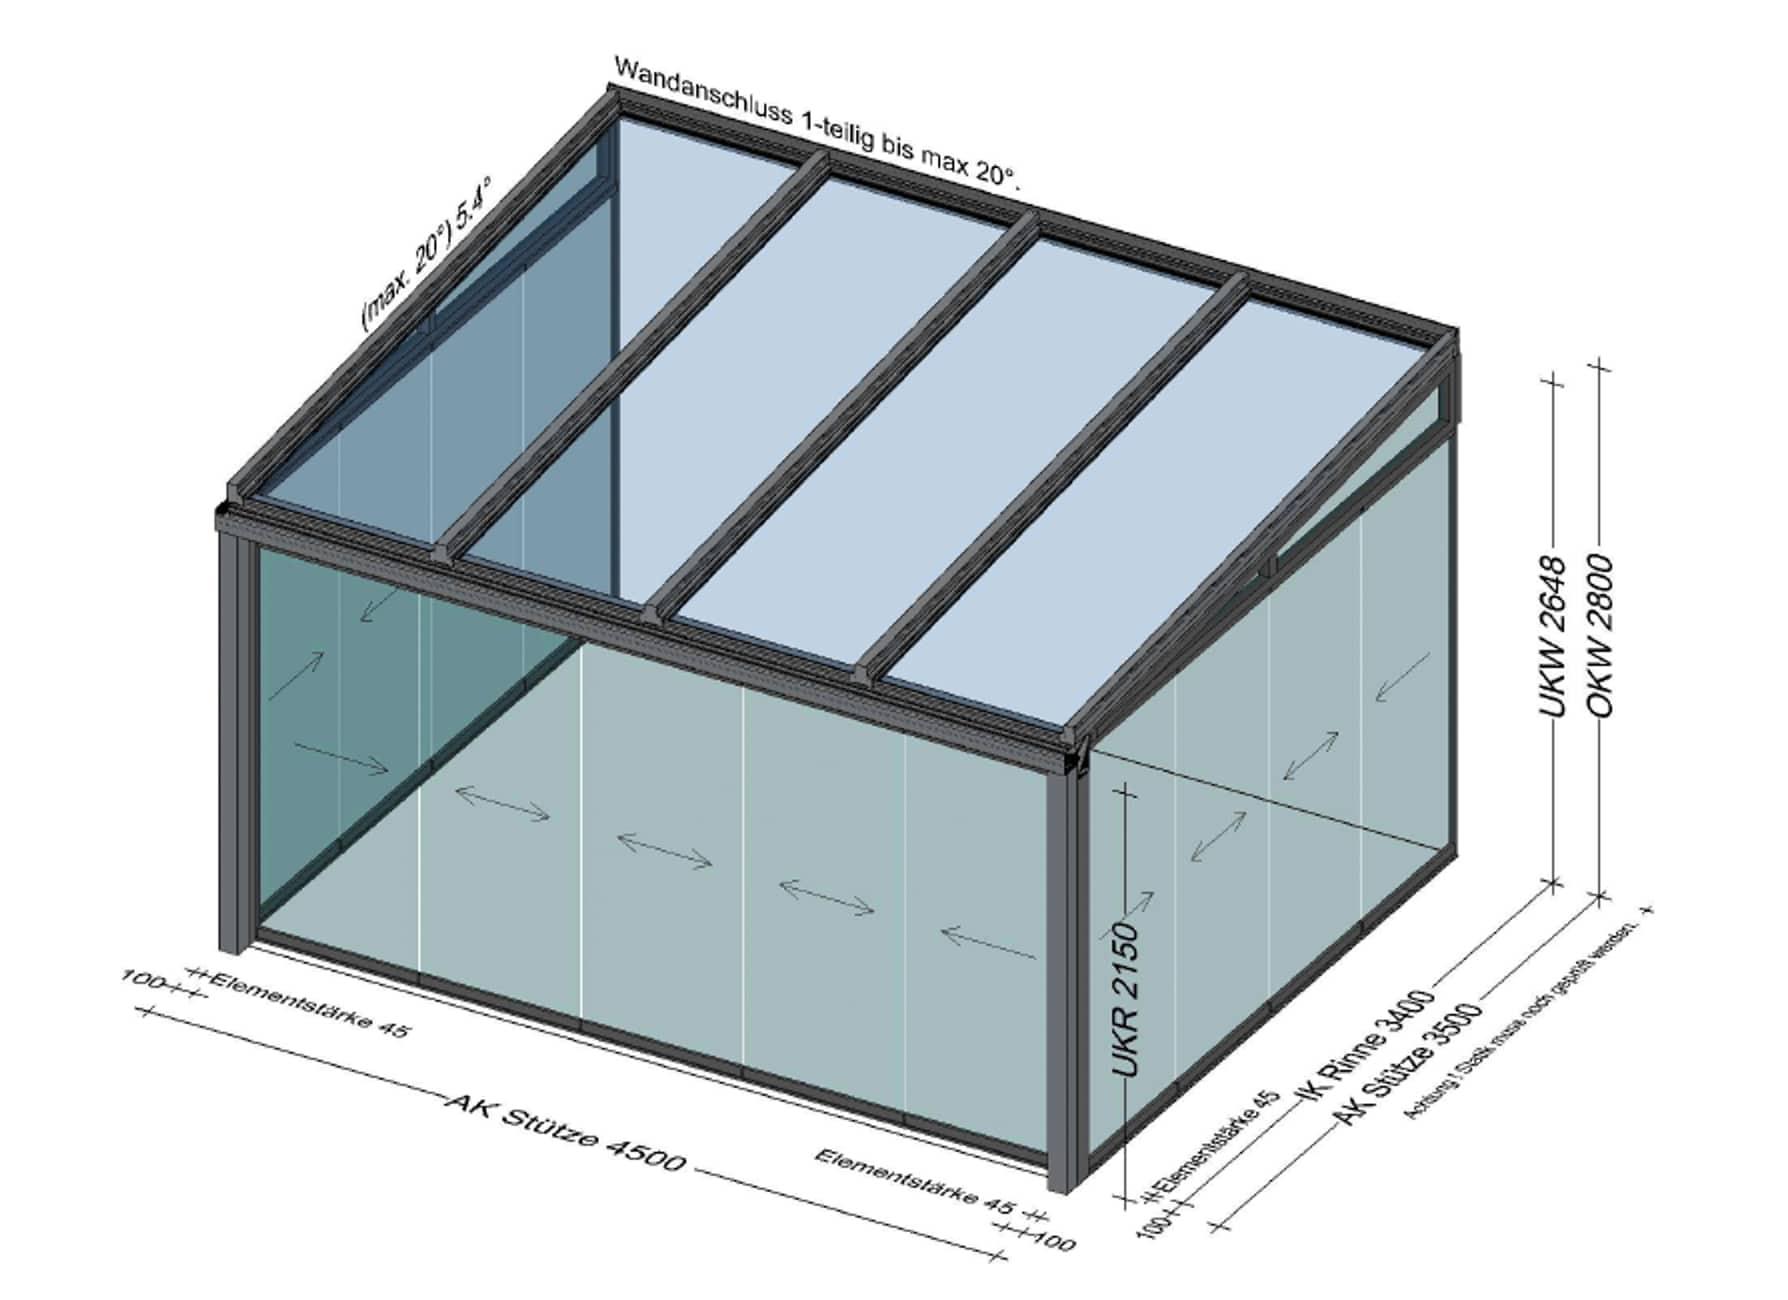 Wintergarten kalt mit Glas-Schienensystem